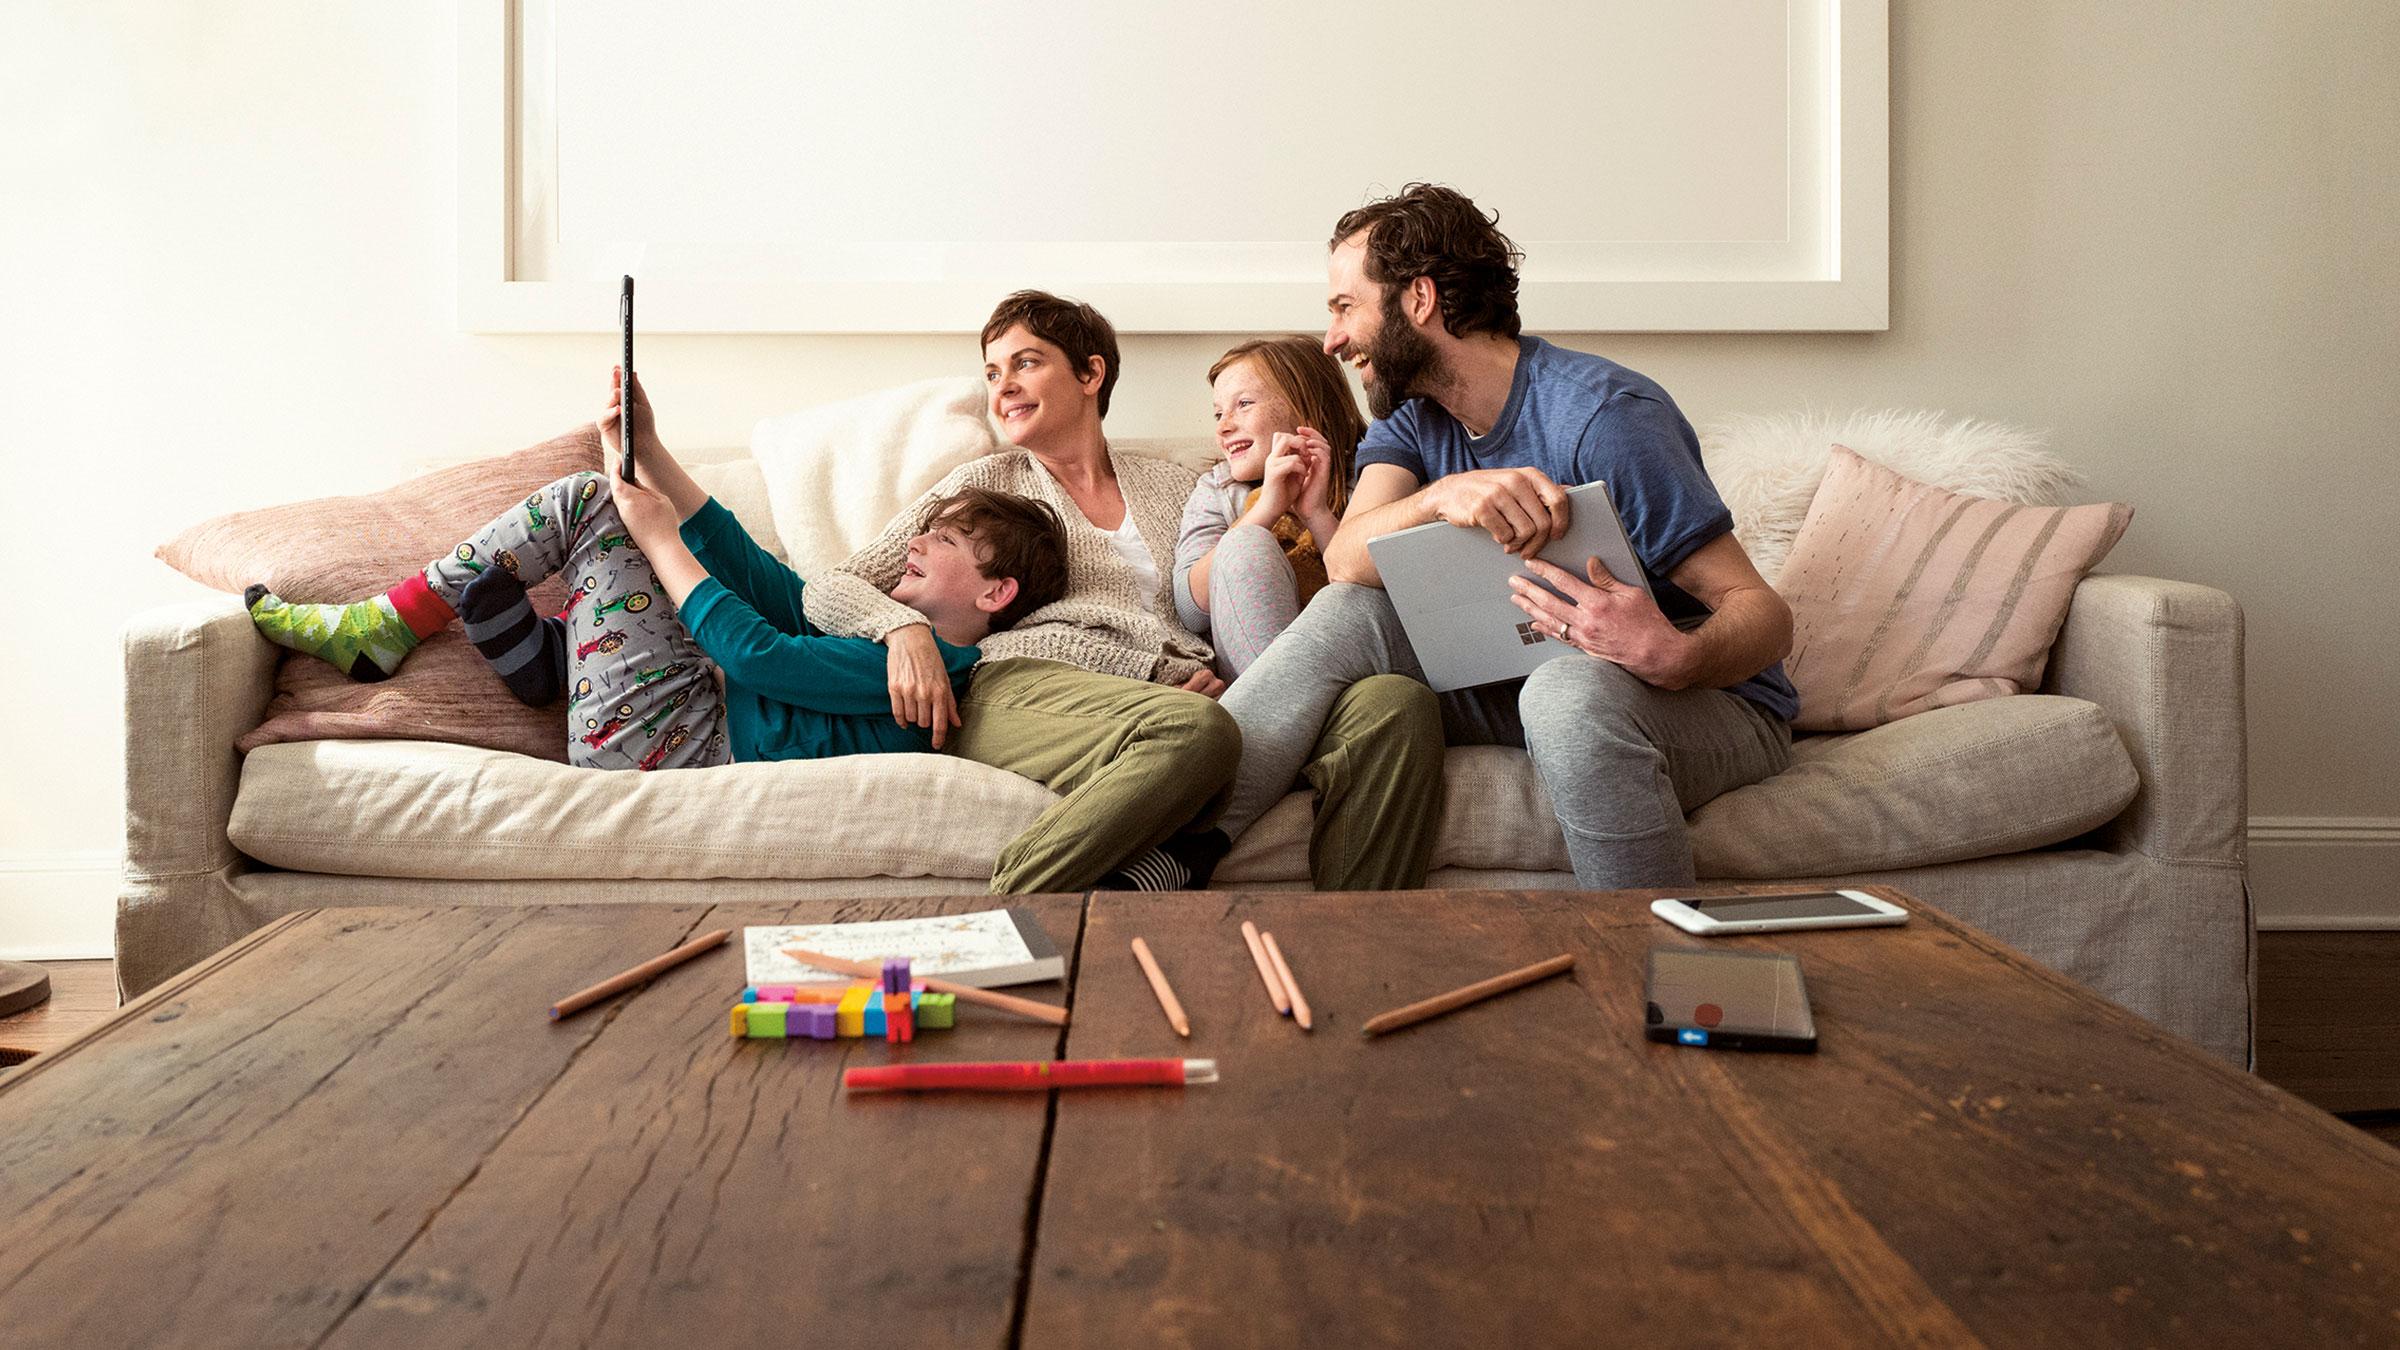 Famiglia sul divano che guarda un dispositivo Microsoft Surface Pro